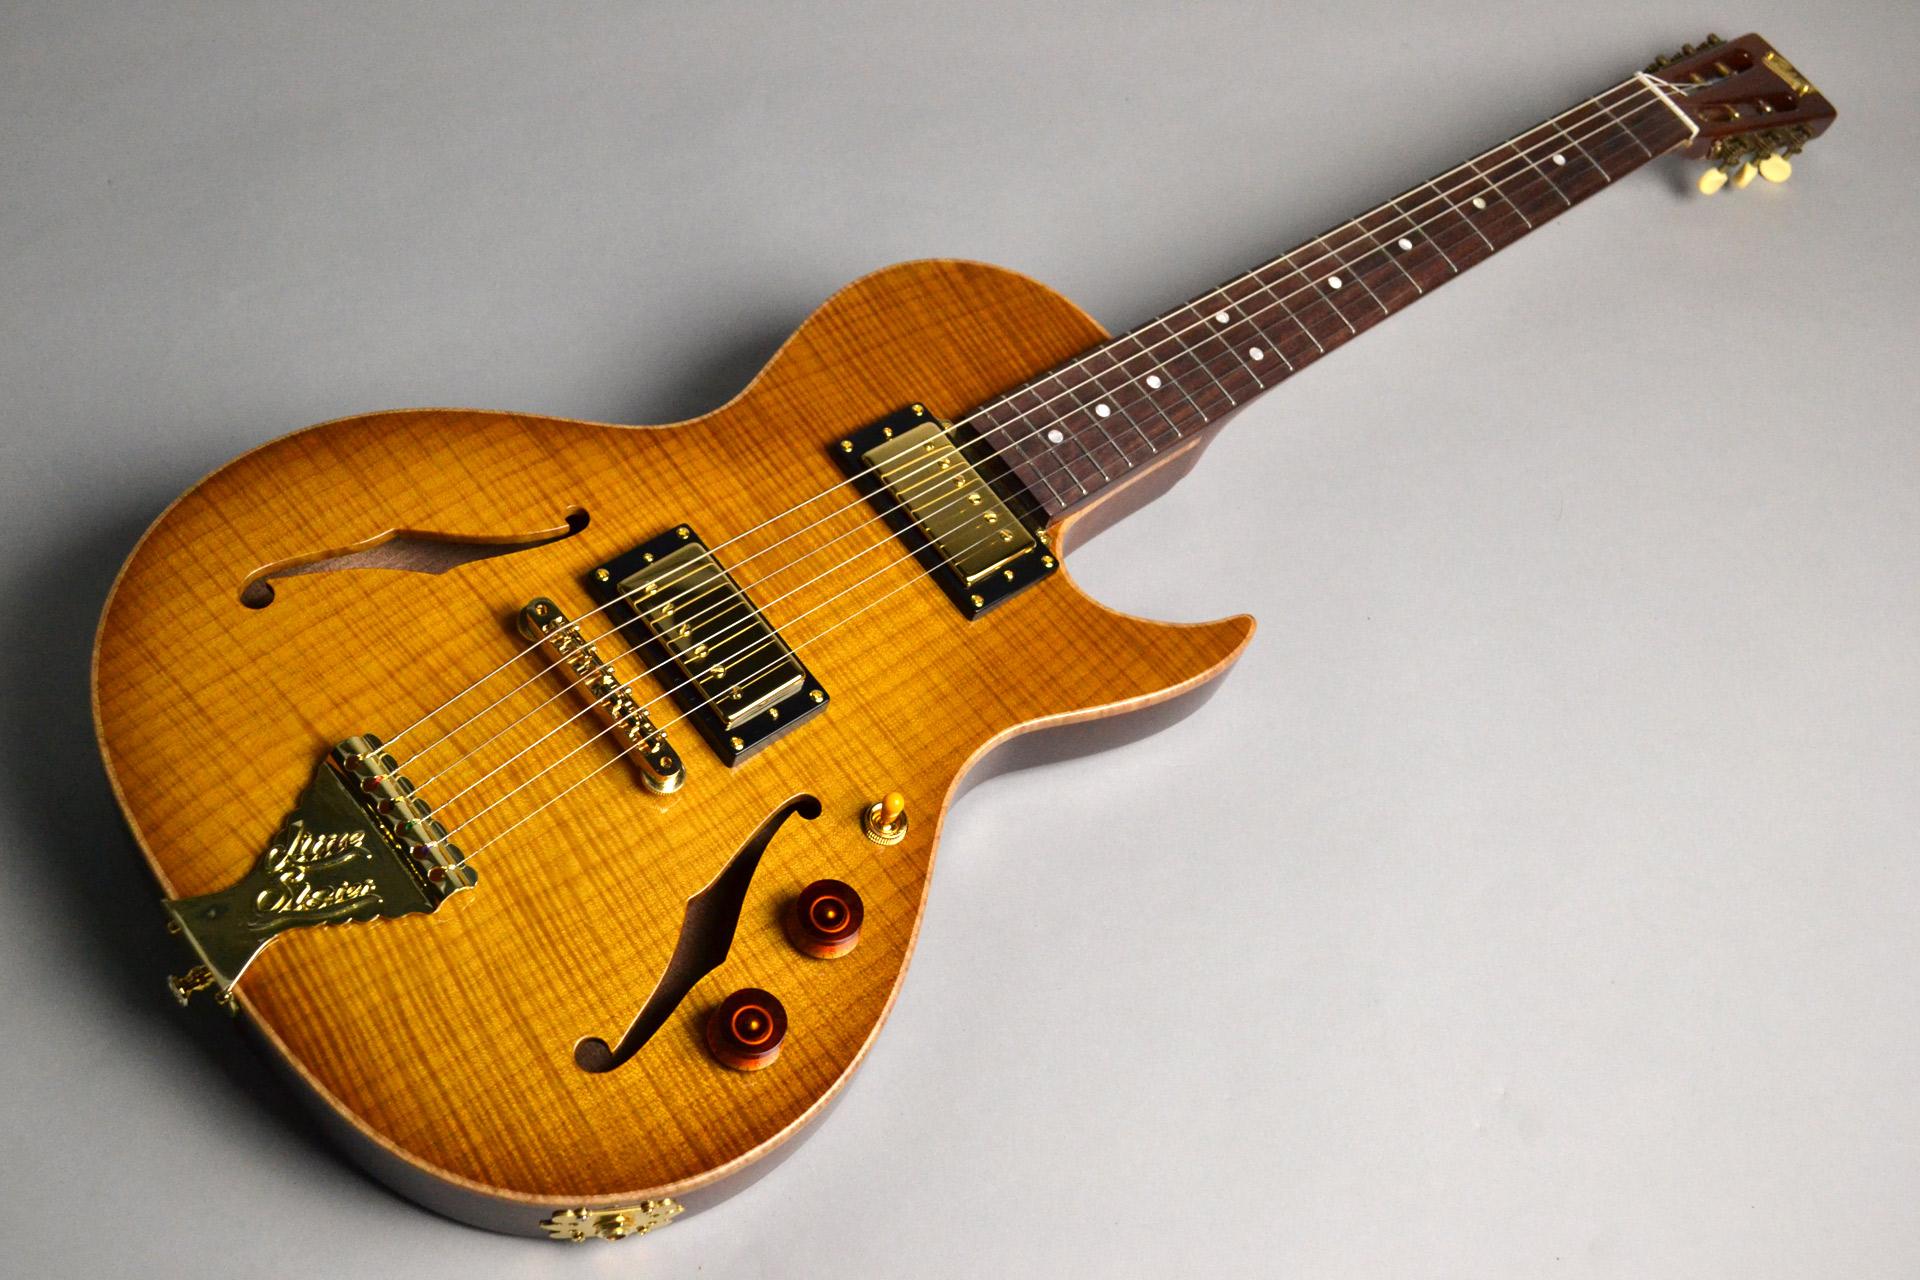 オーダーカスタムギター LITTLE SISTER CROSSROADS 5A Flame L... 写真画像